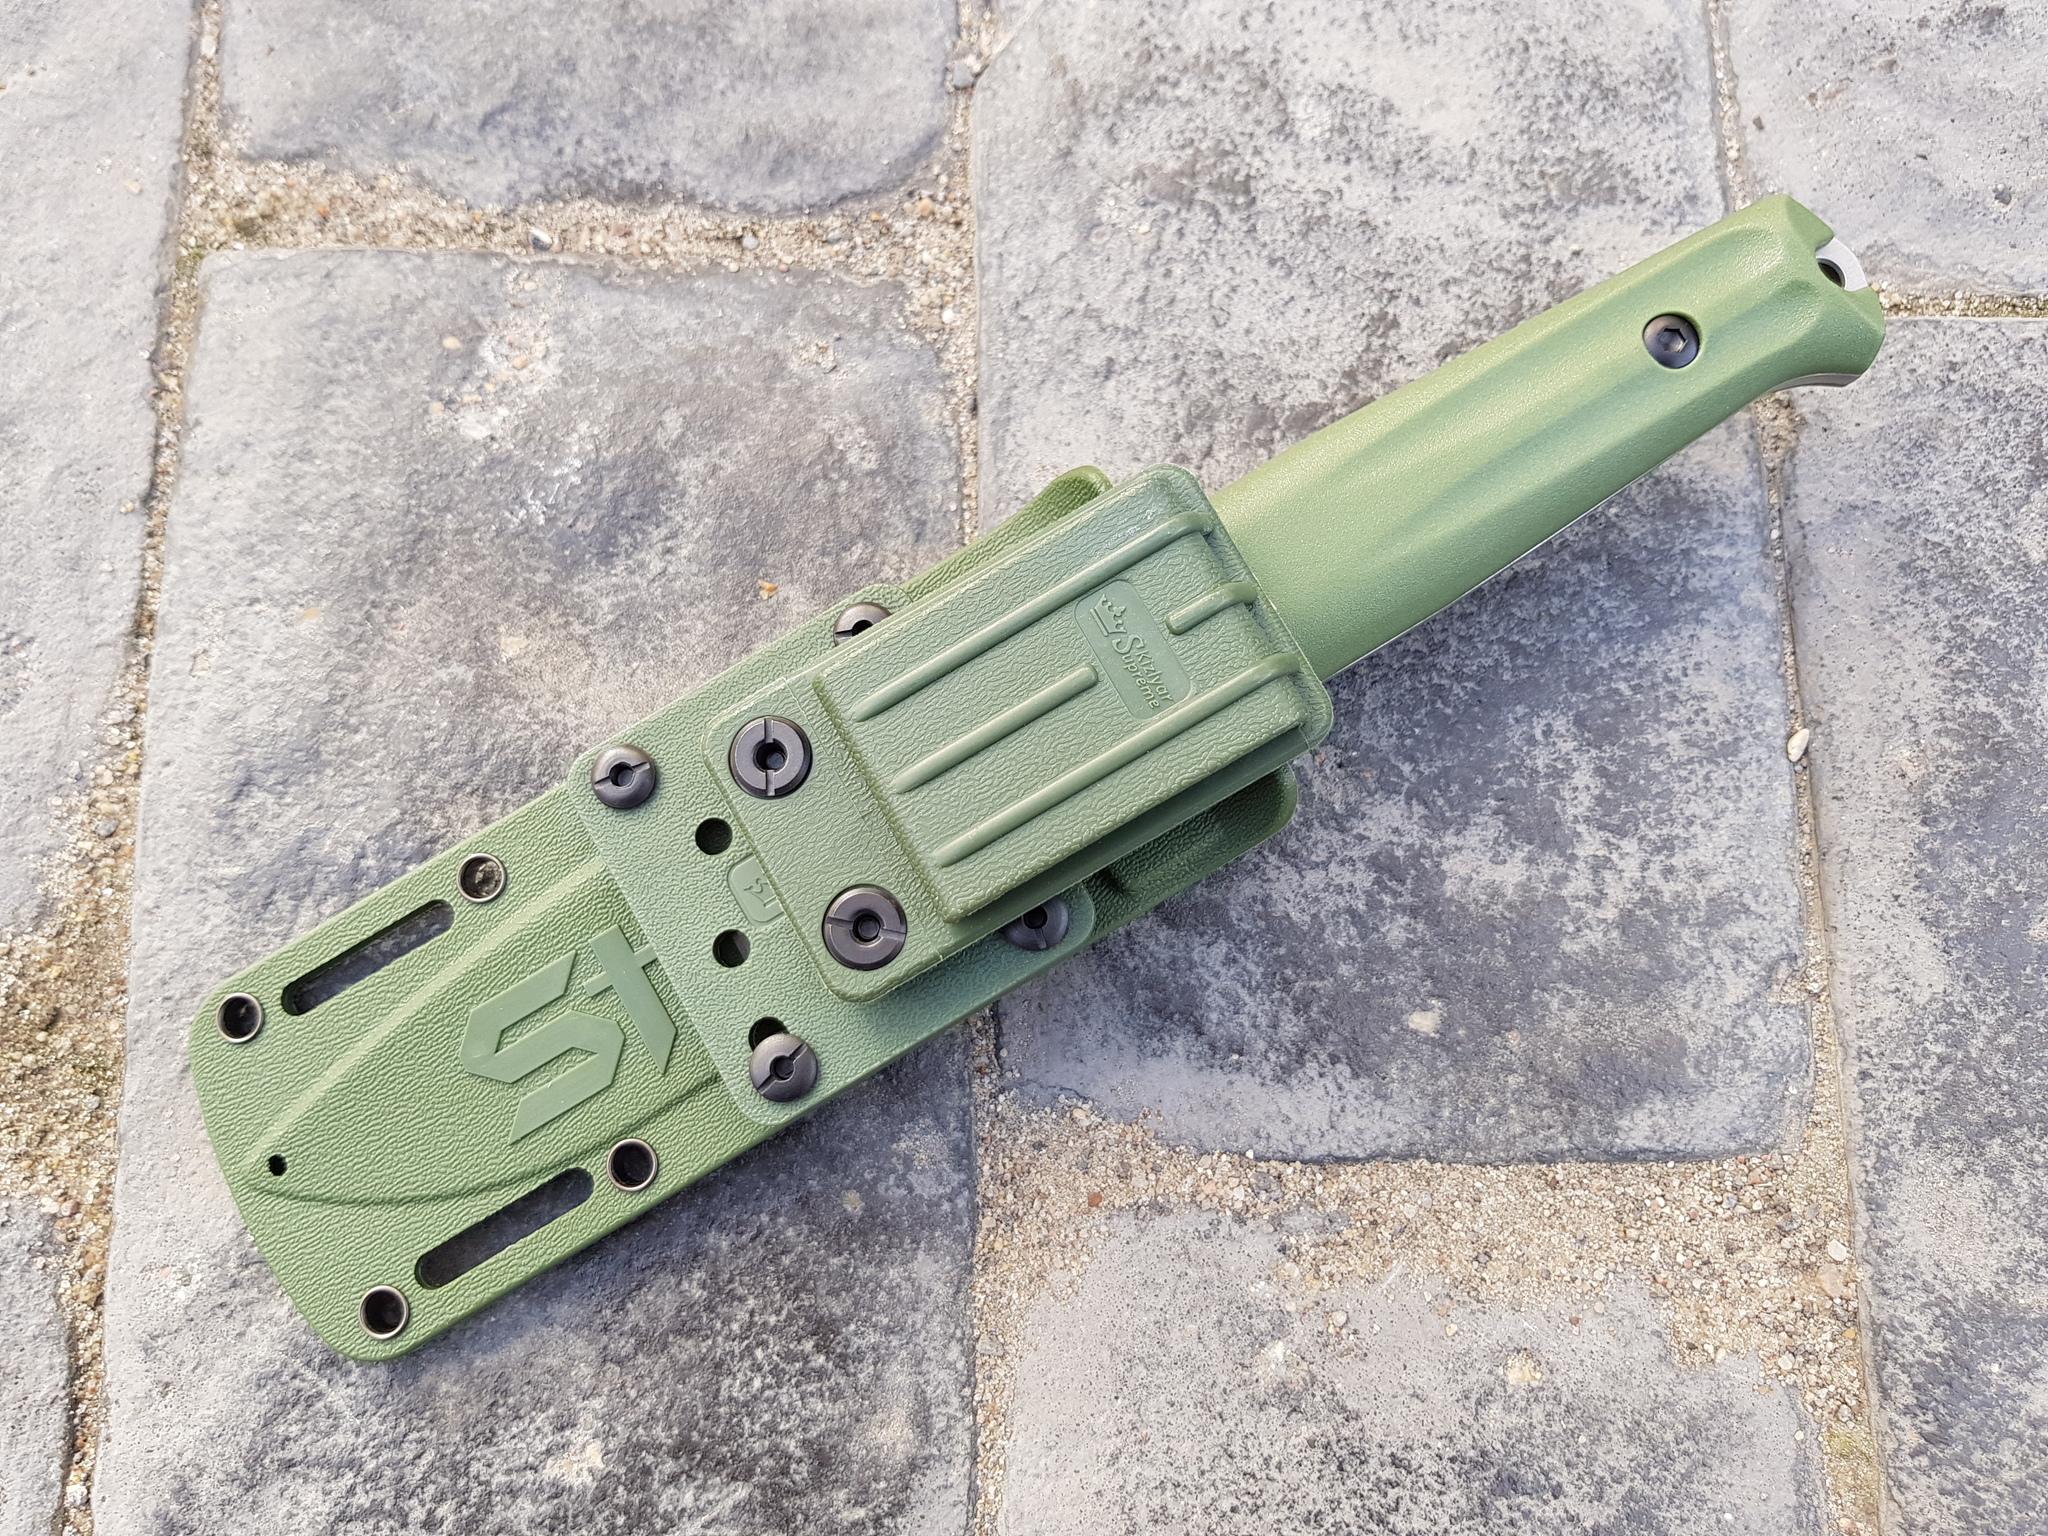 Фото 31 - Тактический нож Sturm AUS-8 S BS SW олива, Кизляр от Kizlyar Supreme